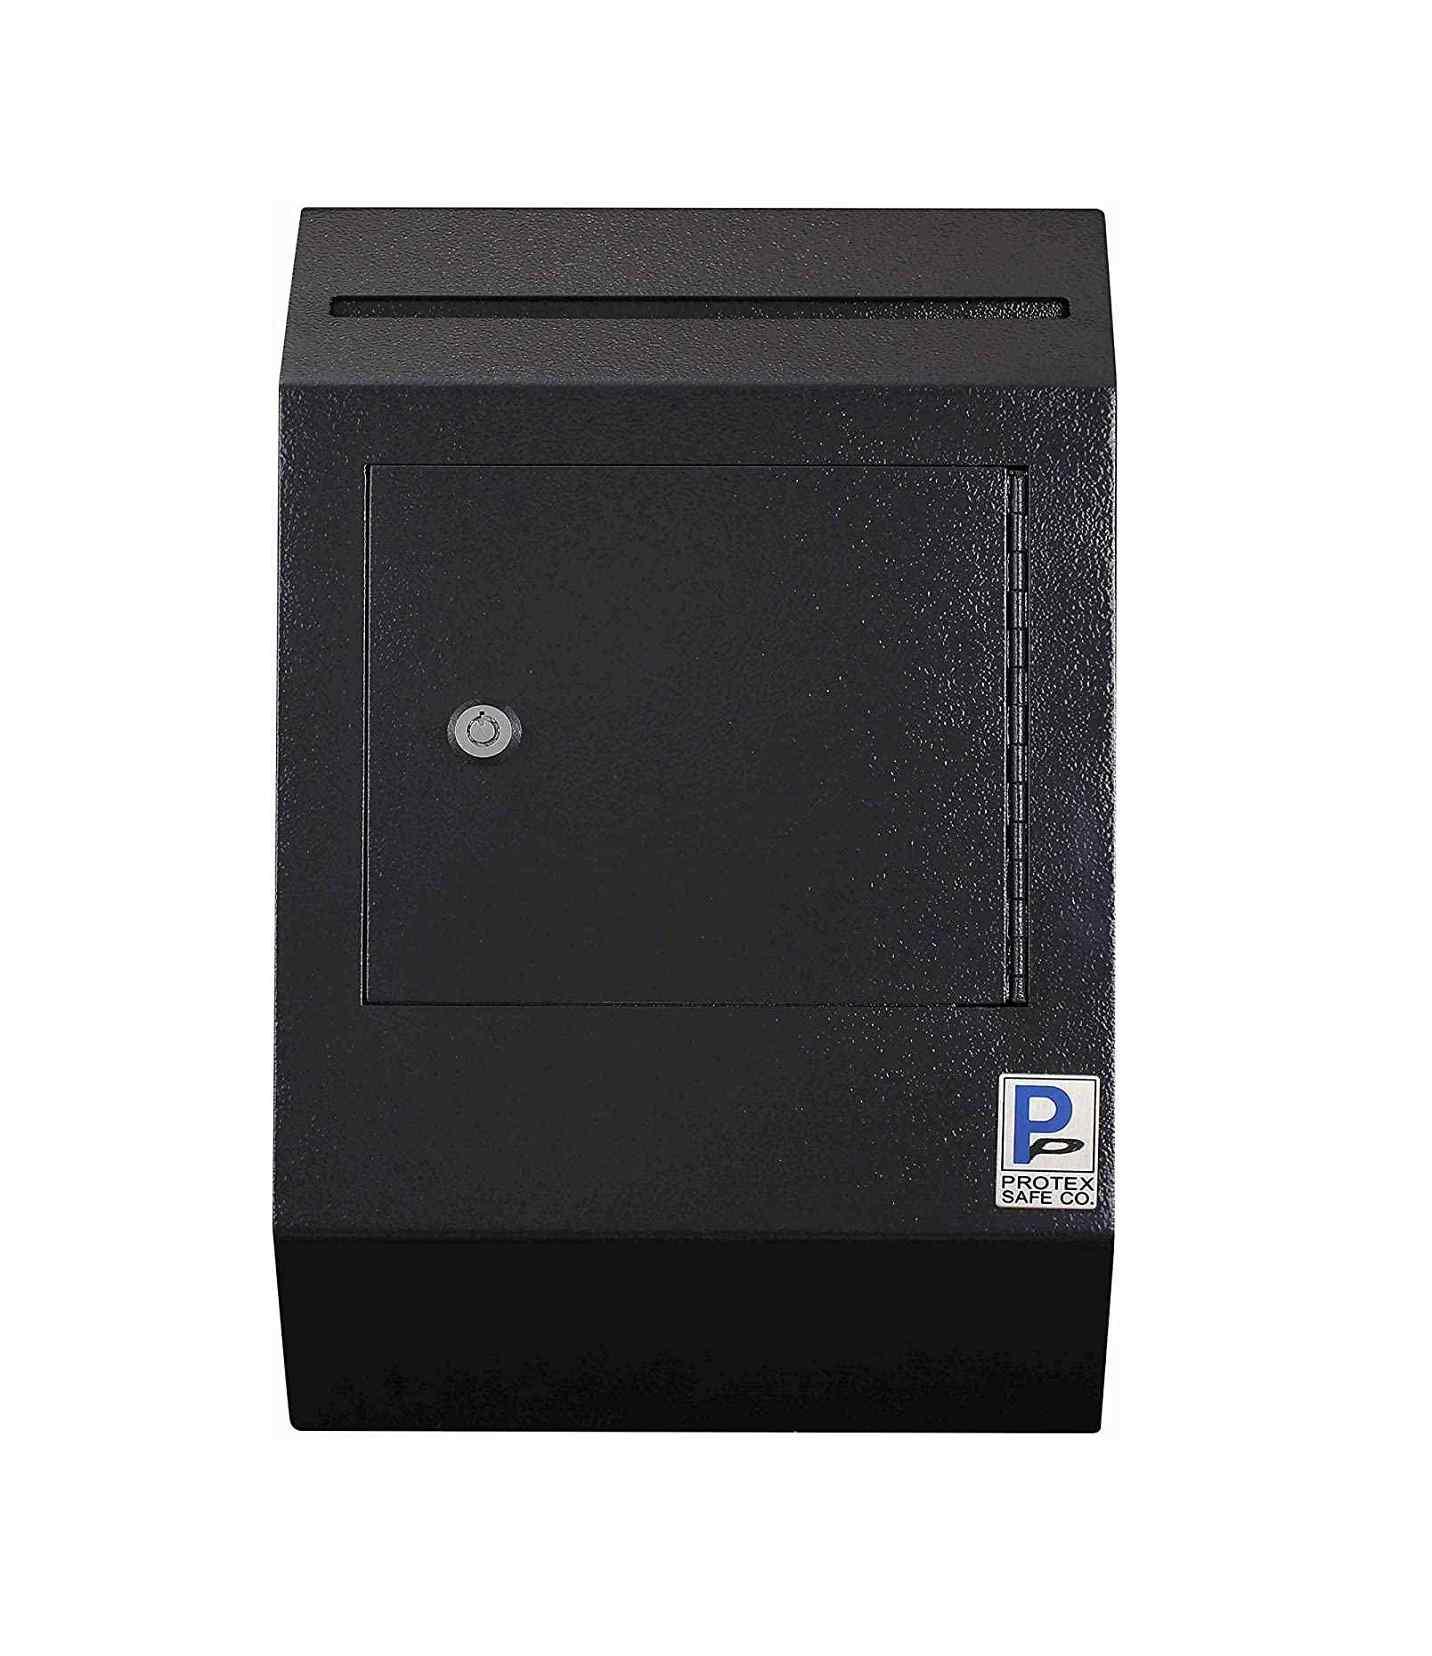 Protex WDB-110 mailbox